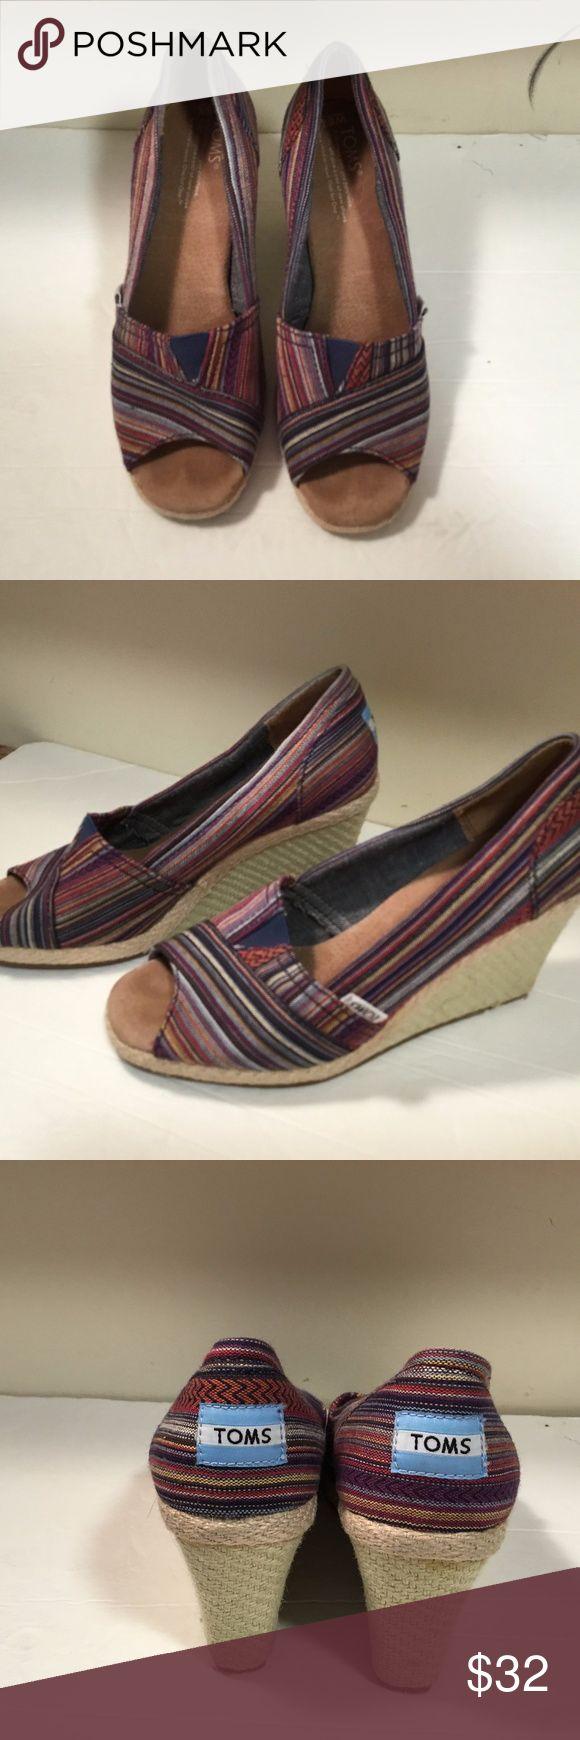 Toms Peep Toe Wedges Shoes Heels Womens sz 6.5 Toms Peep Toe Wedges Shoes Heels Womens sz 6.5 Toms Shoes Wedges